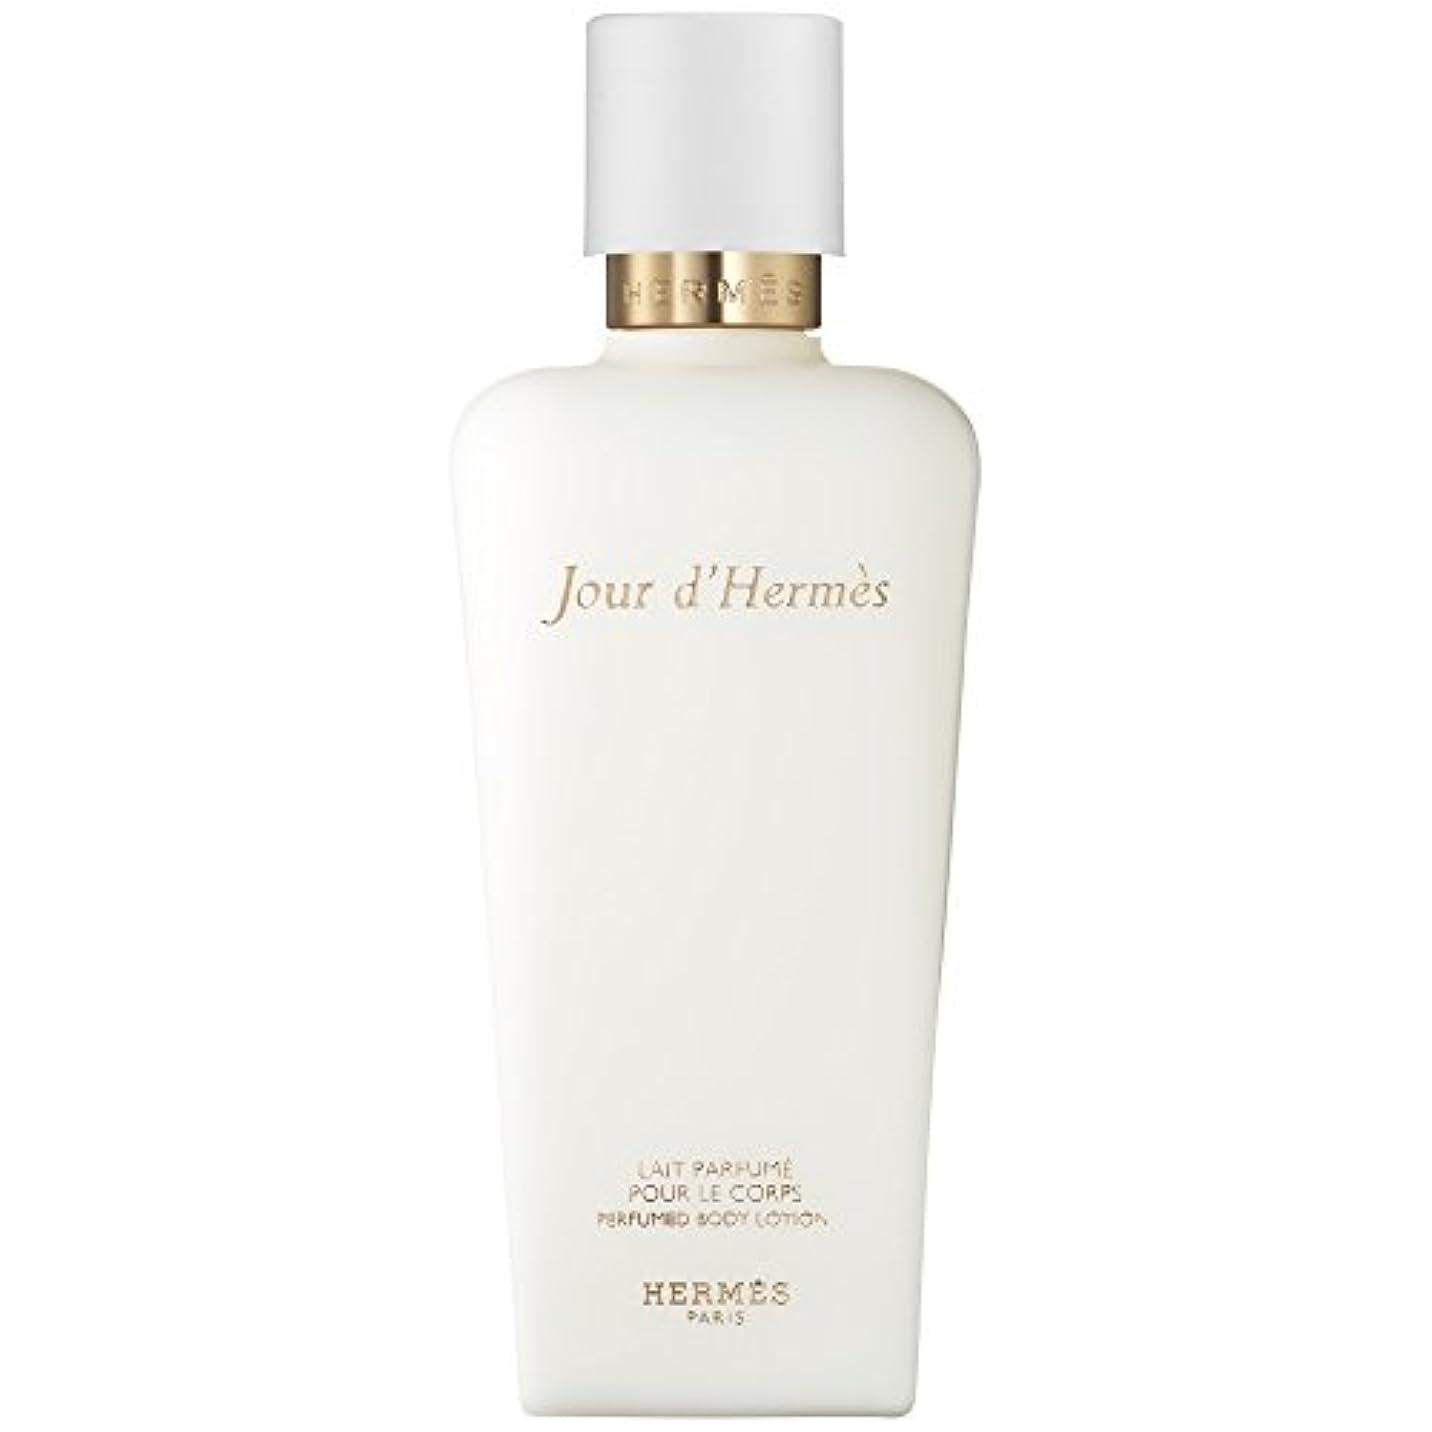 最もアライアンス準備したエルメスJourのドールエルメス賦香ボディローション200ミリリットル (HERM?S) (x2) - HERM?S Jour d'Herm?s Perfumed Body Lotion 200ml (Pack of 2...